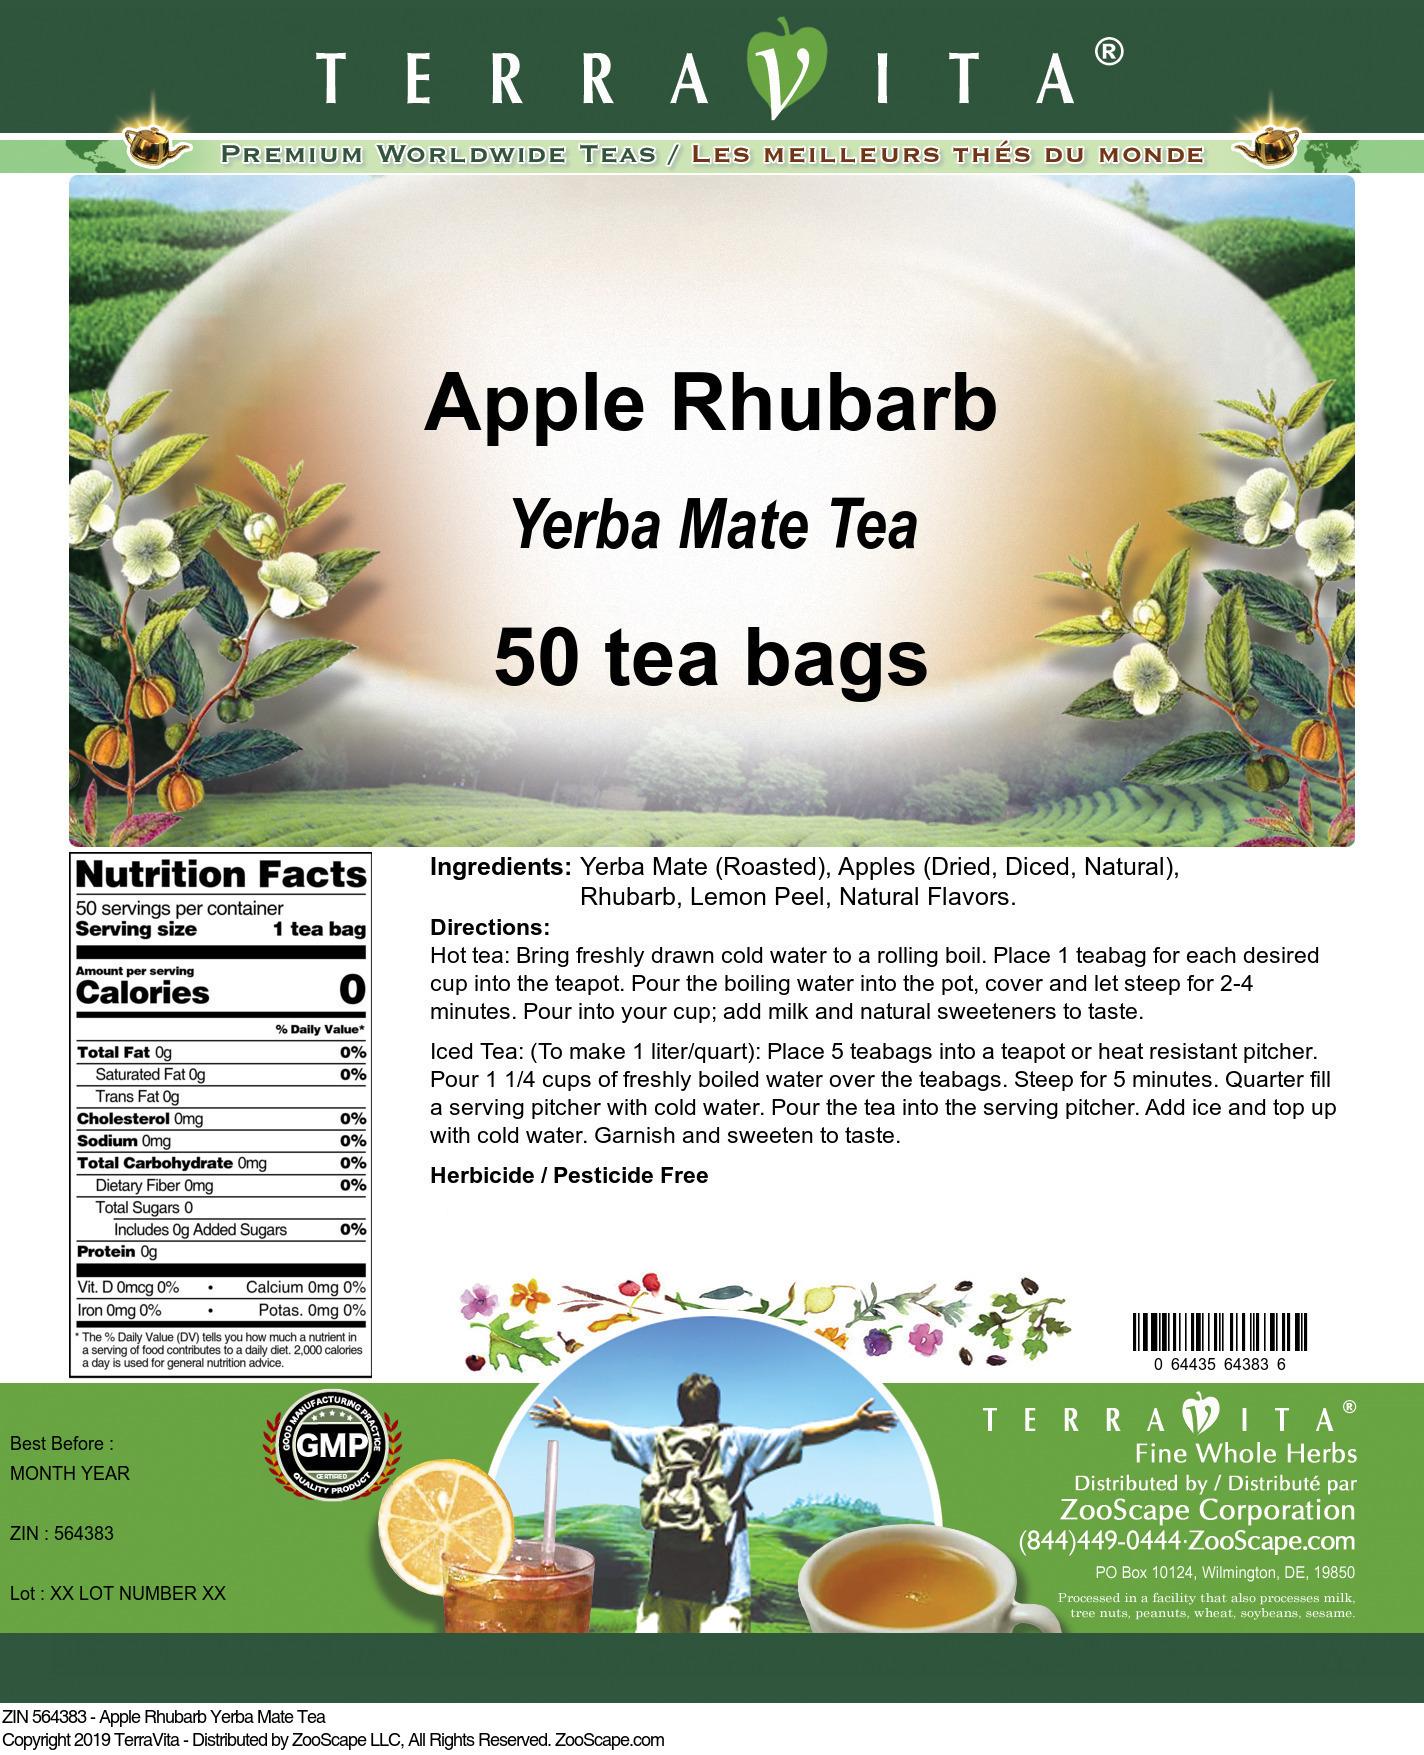 Apple Rhubarb Yerba Mate Tea